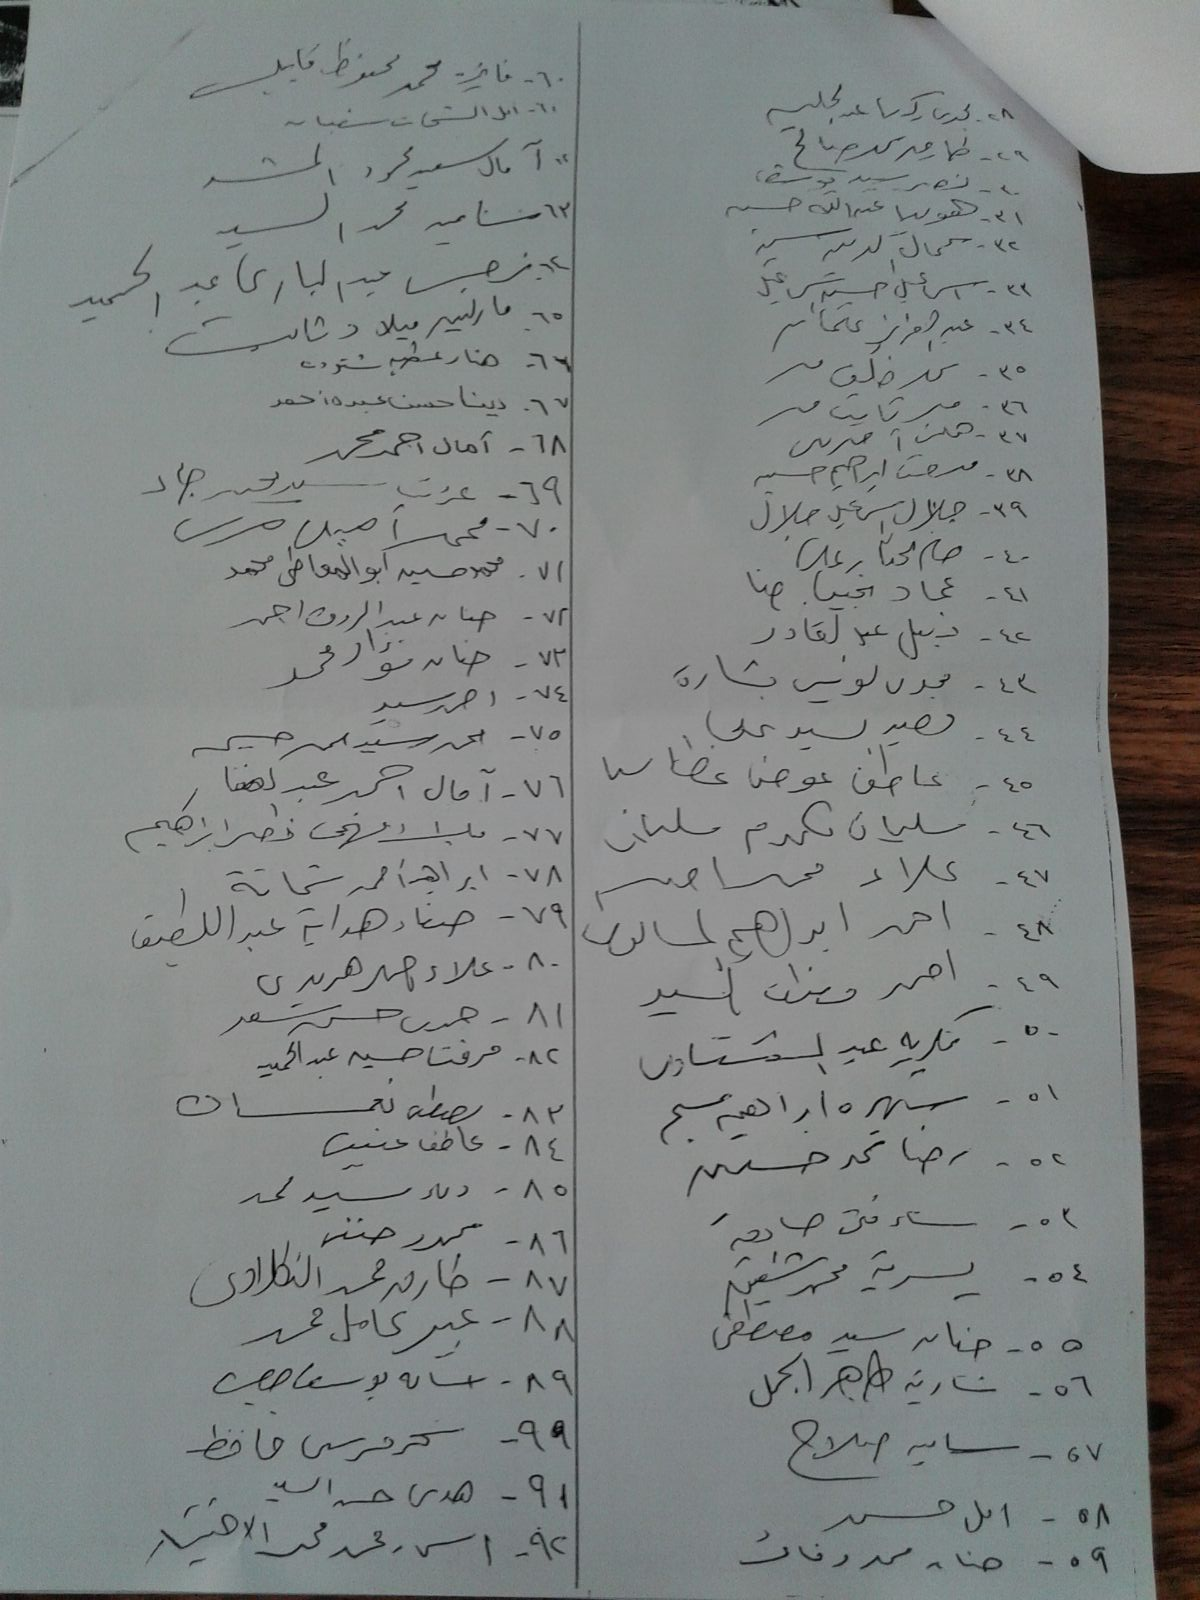 إلغاء صرف العلاوة السنوية والخاصة وحافز الأداء لـ 353 معلمًا وعاملا في مدرسة بالجيزة